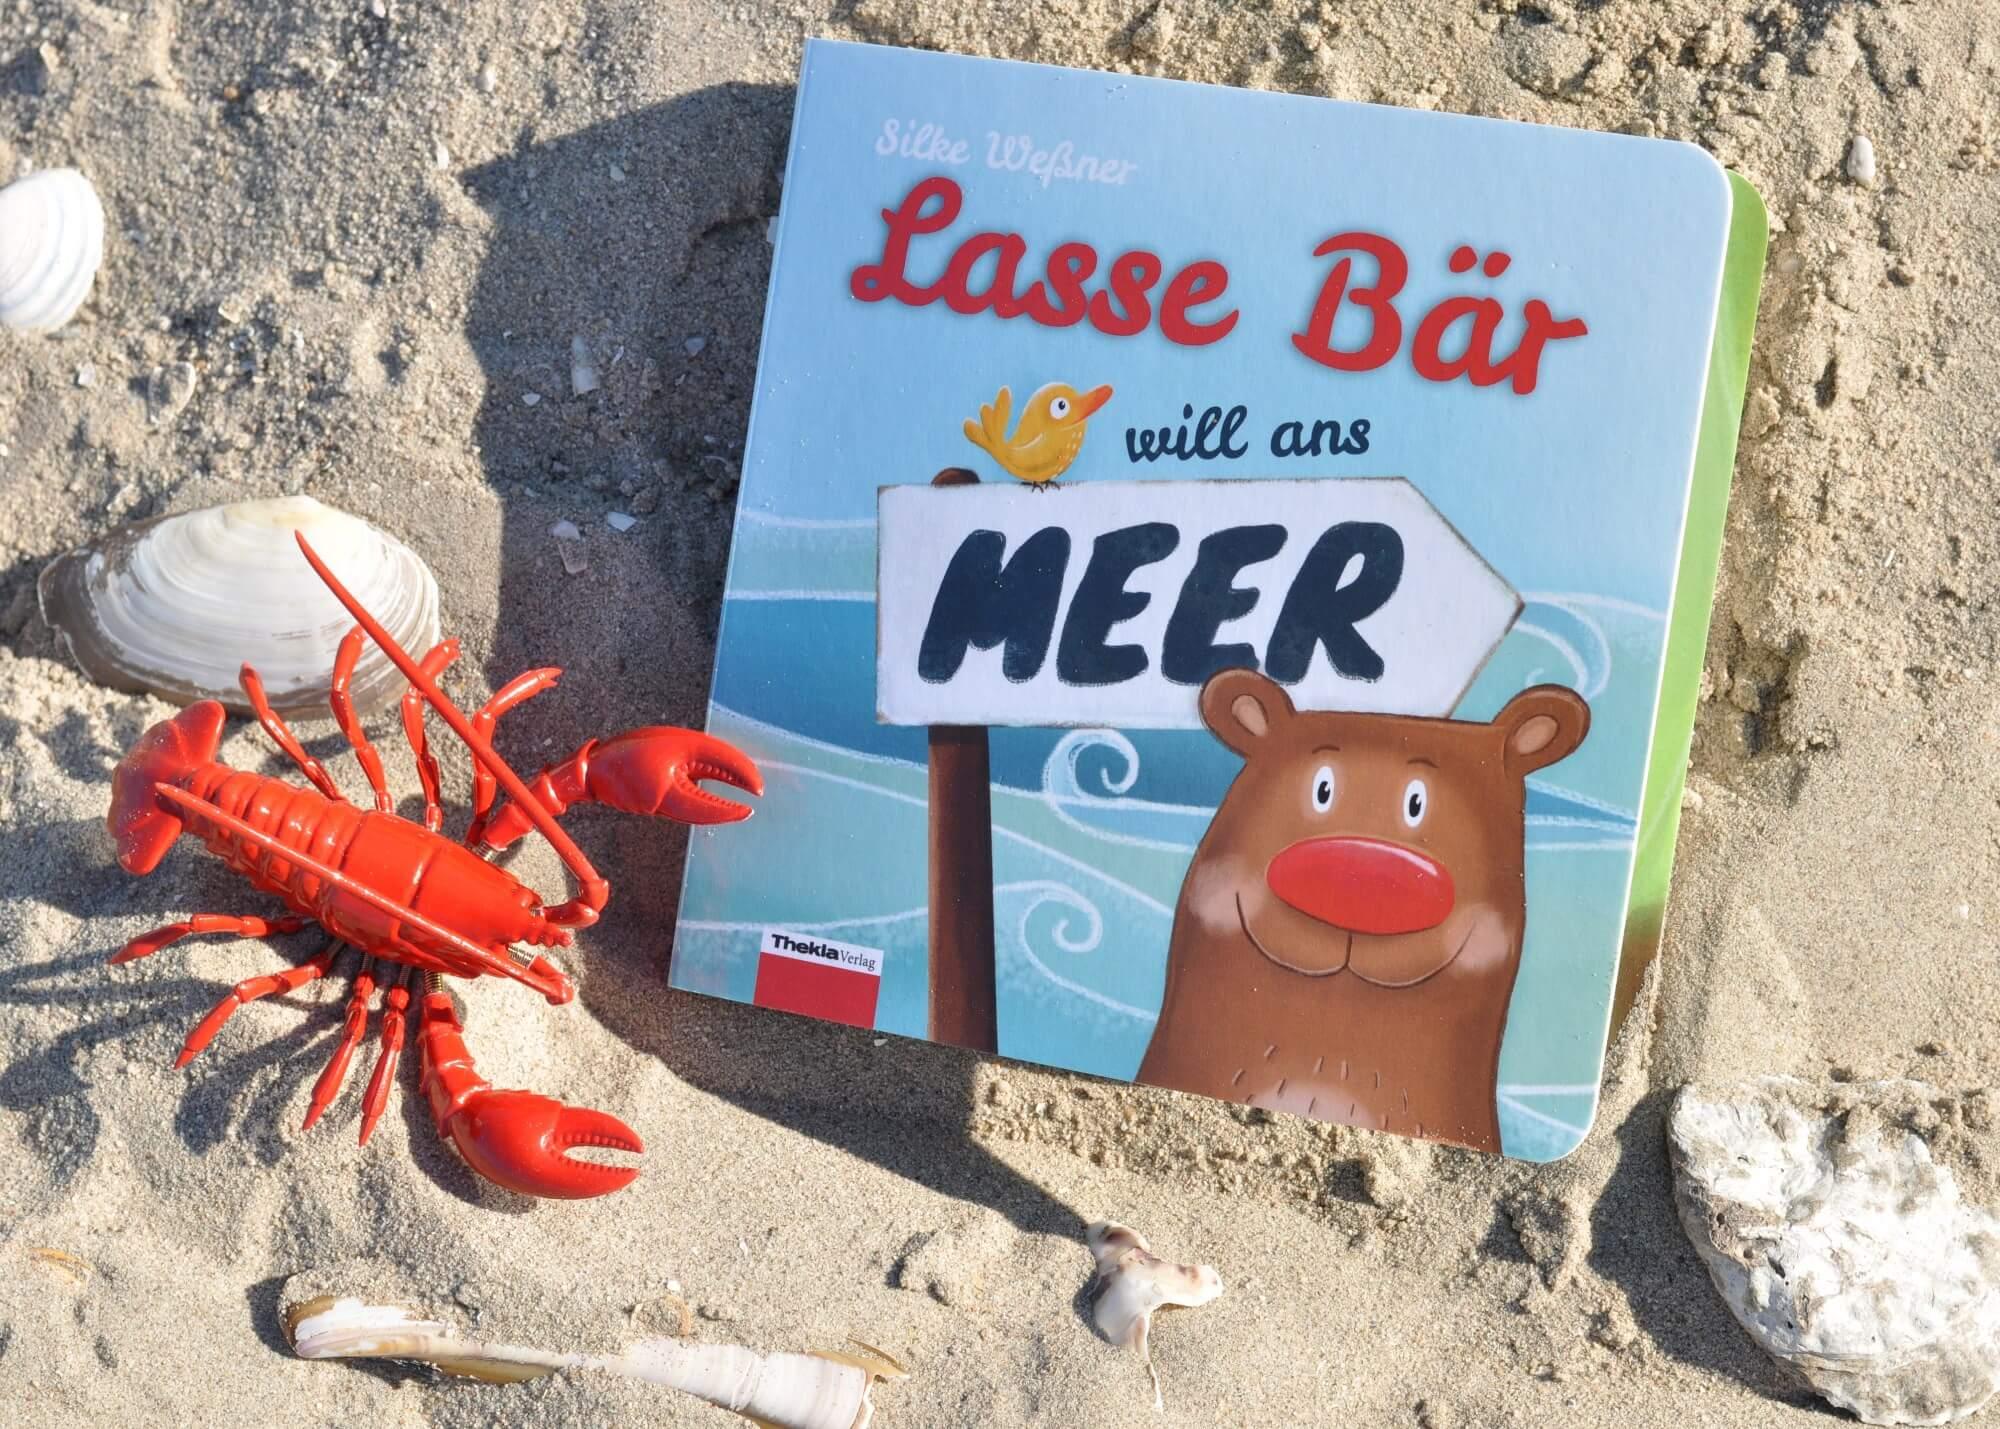 Lasse Bär will ans Meer - außergewöhnliches Pappbilderbuch zum Reisen aus dem Thekla Verlag #bilderbuch #papbuch #baby #kleinkind #meer #bär #rezension #buchtipp